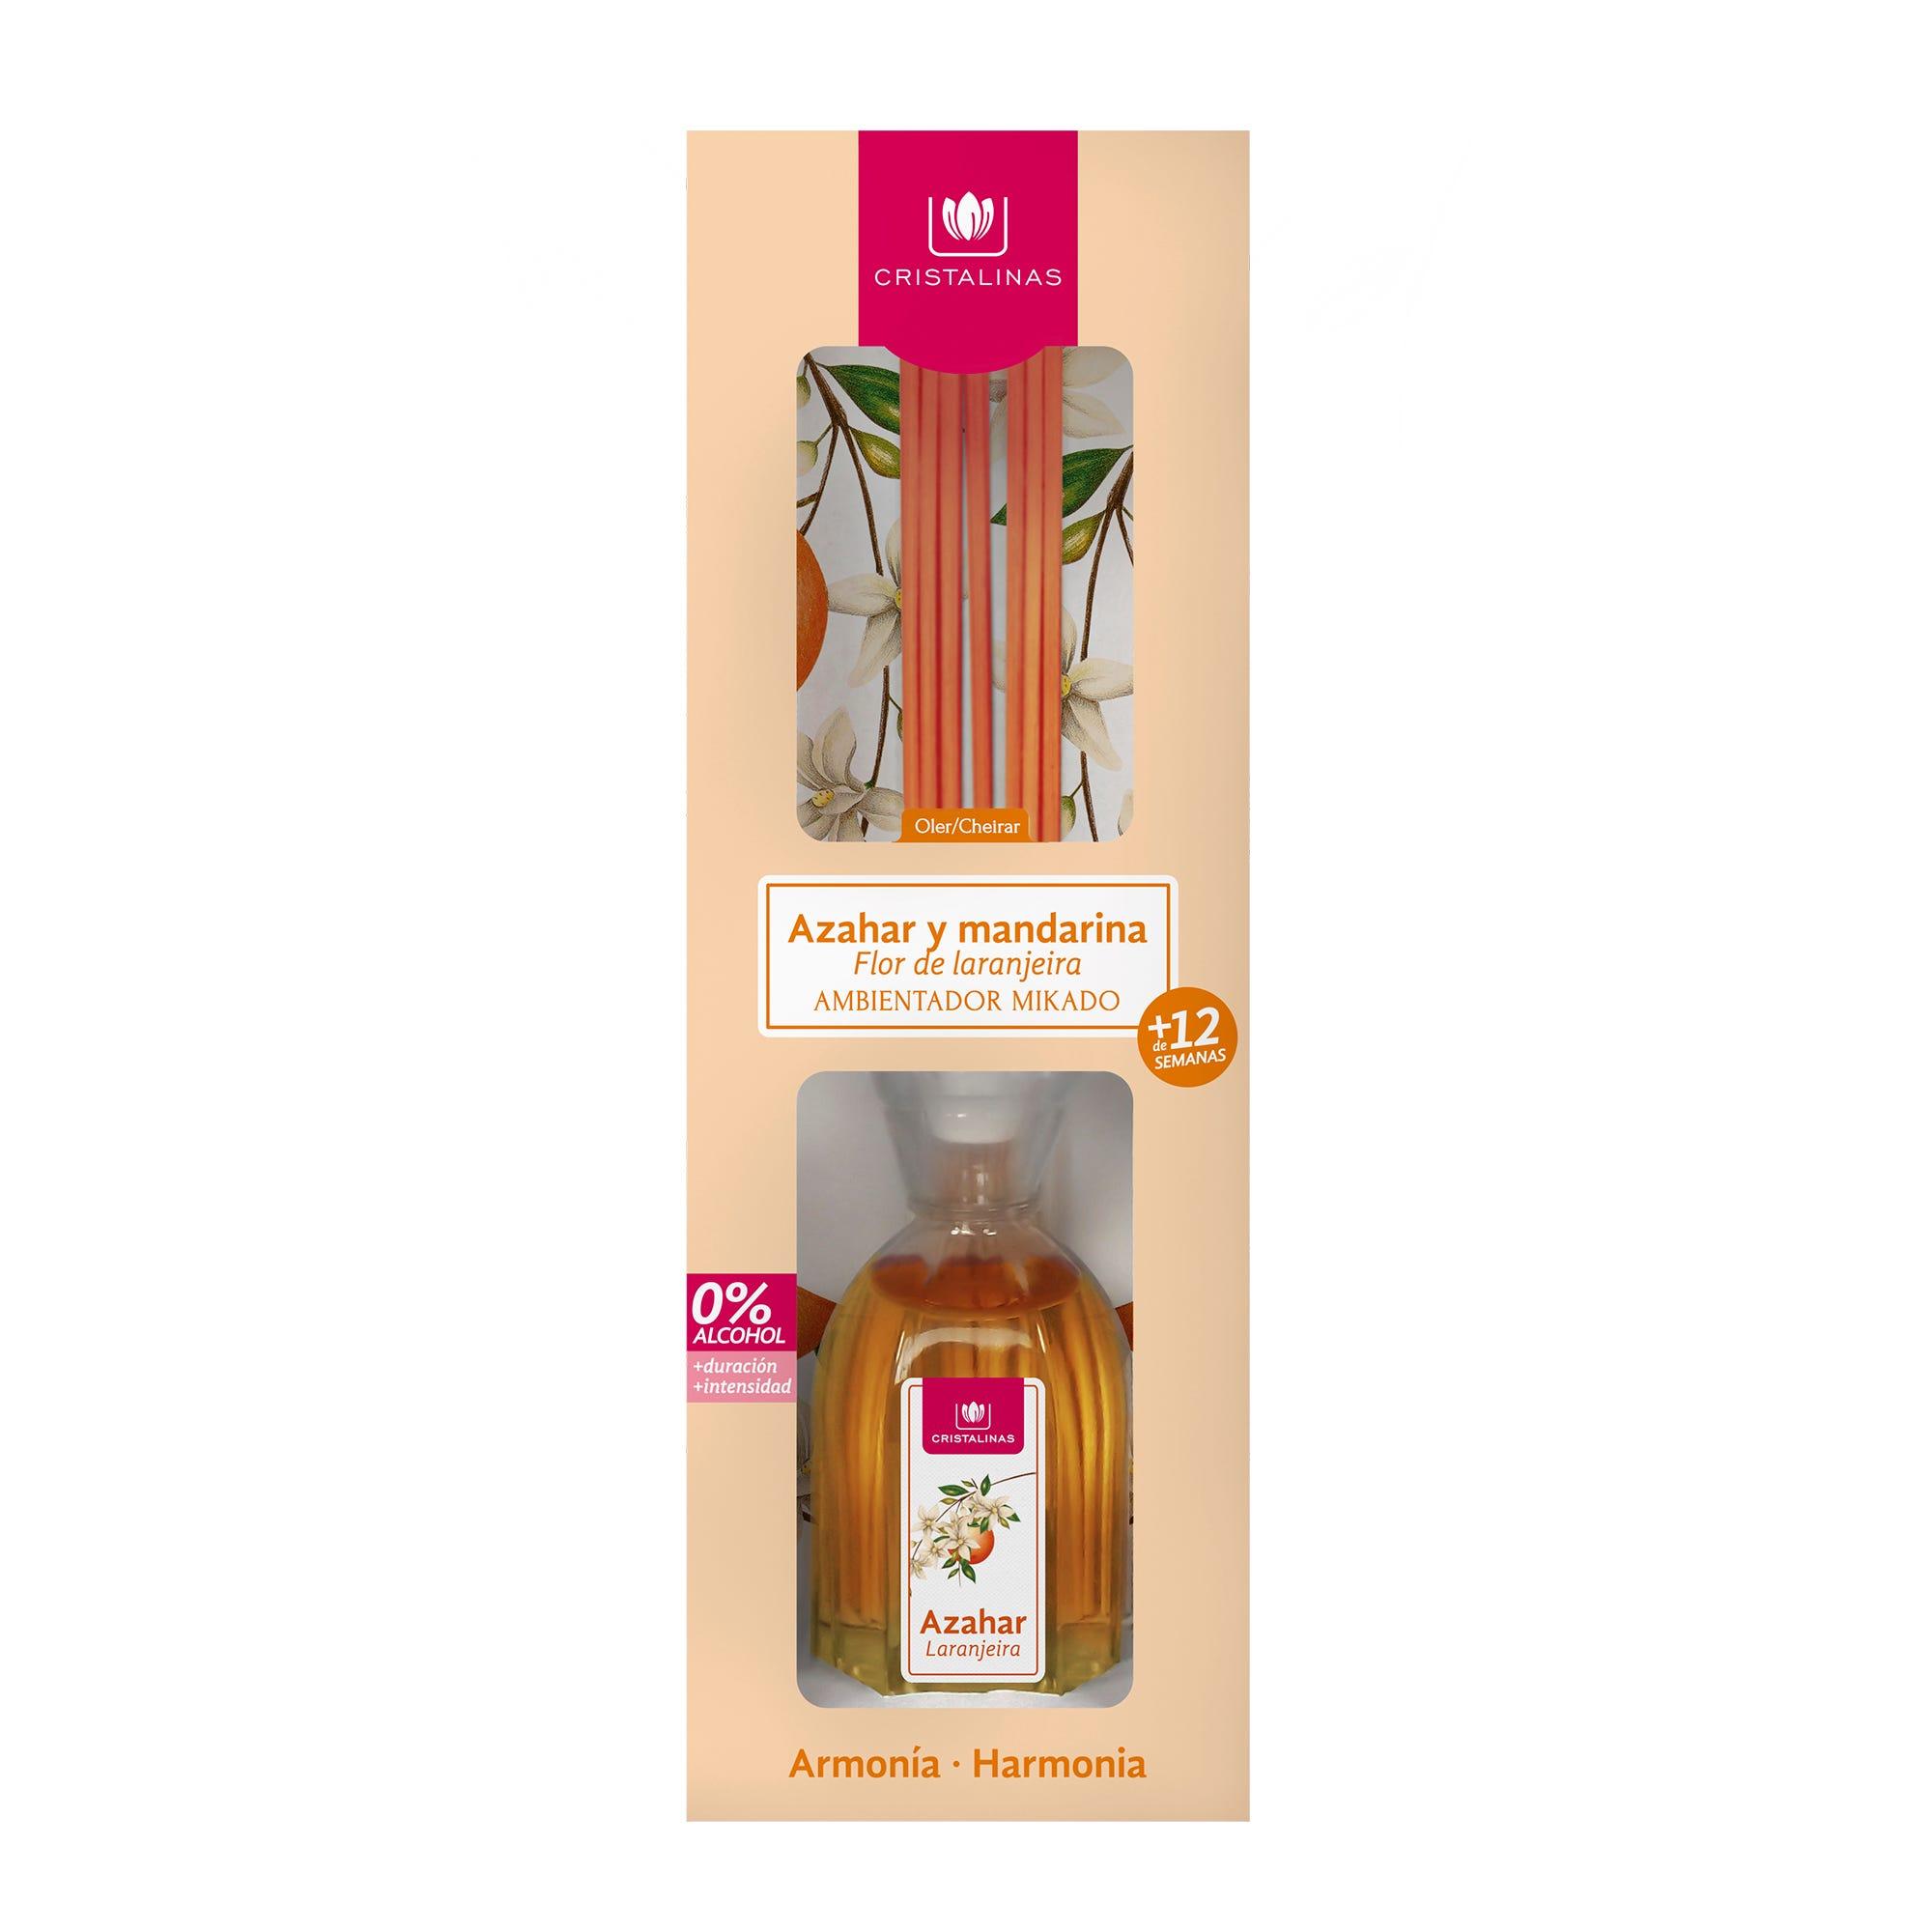 Ambientador mikado aroma azahar y mandarina, Cristalinas 90 mL